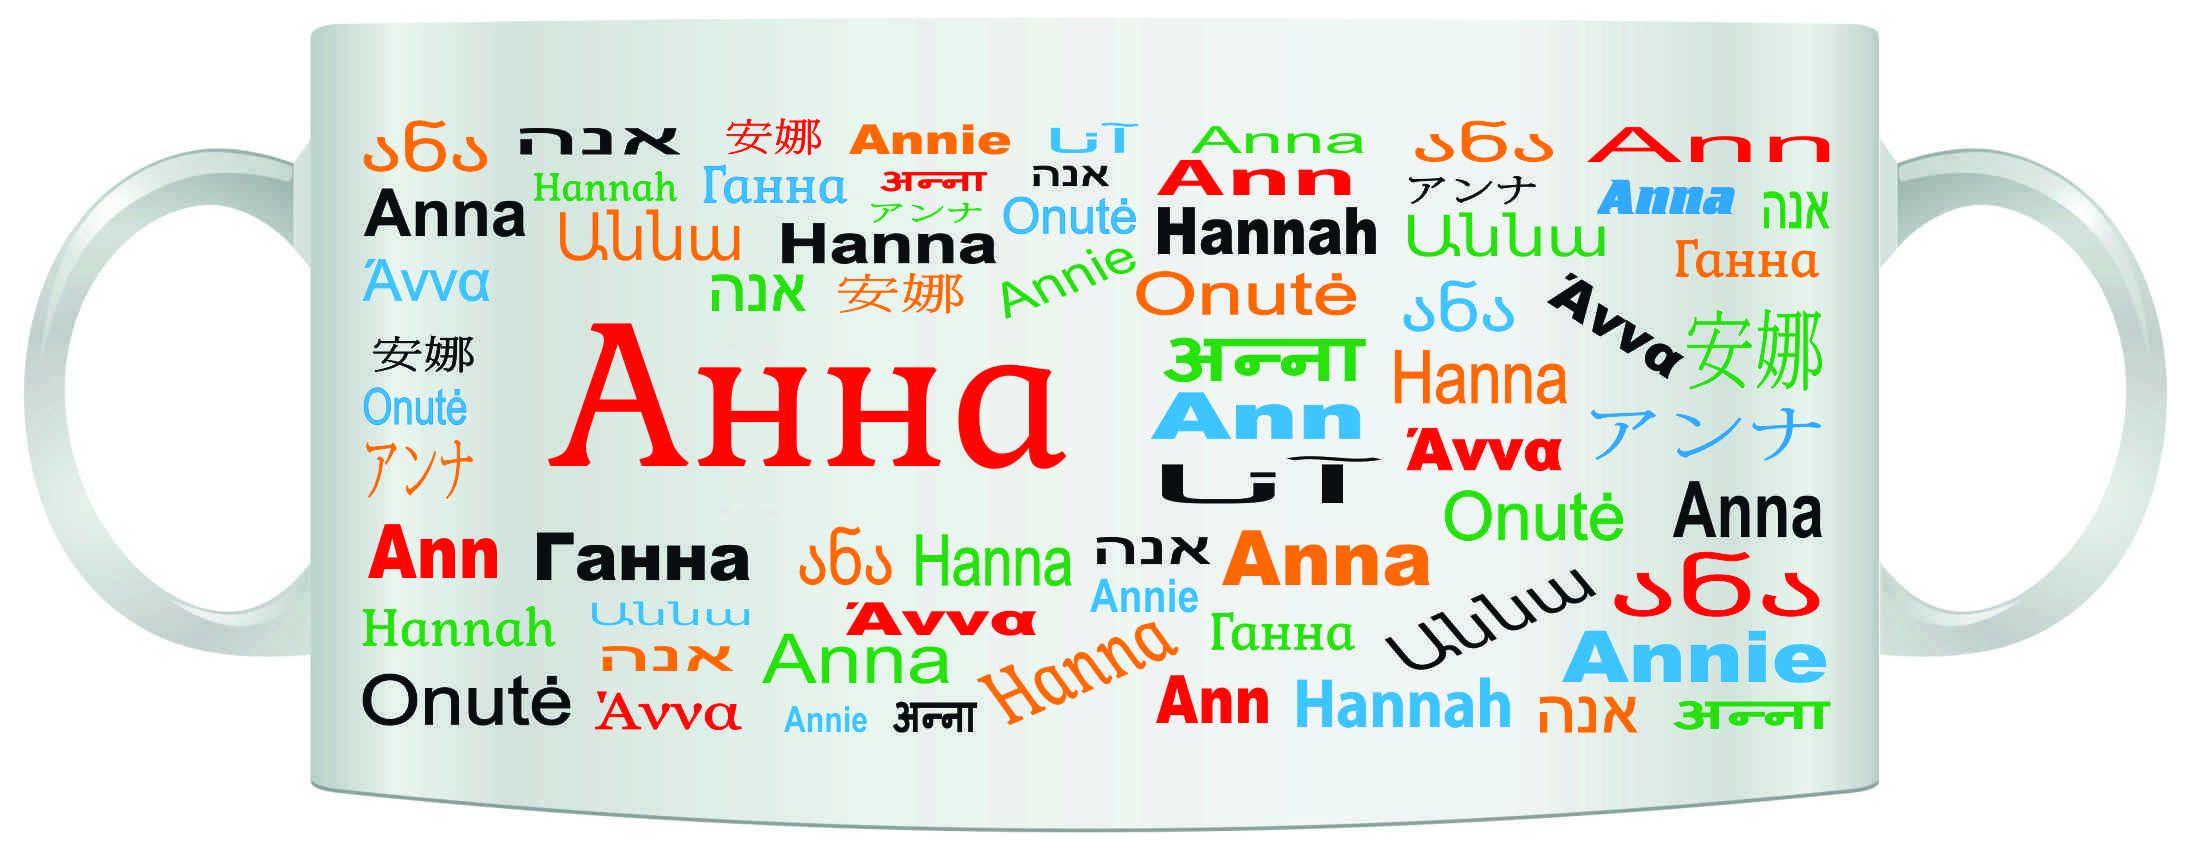 имя юлия на разных языках мира как пишется мобильное приложение